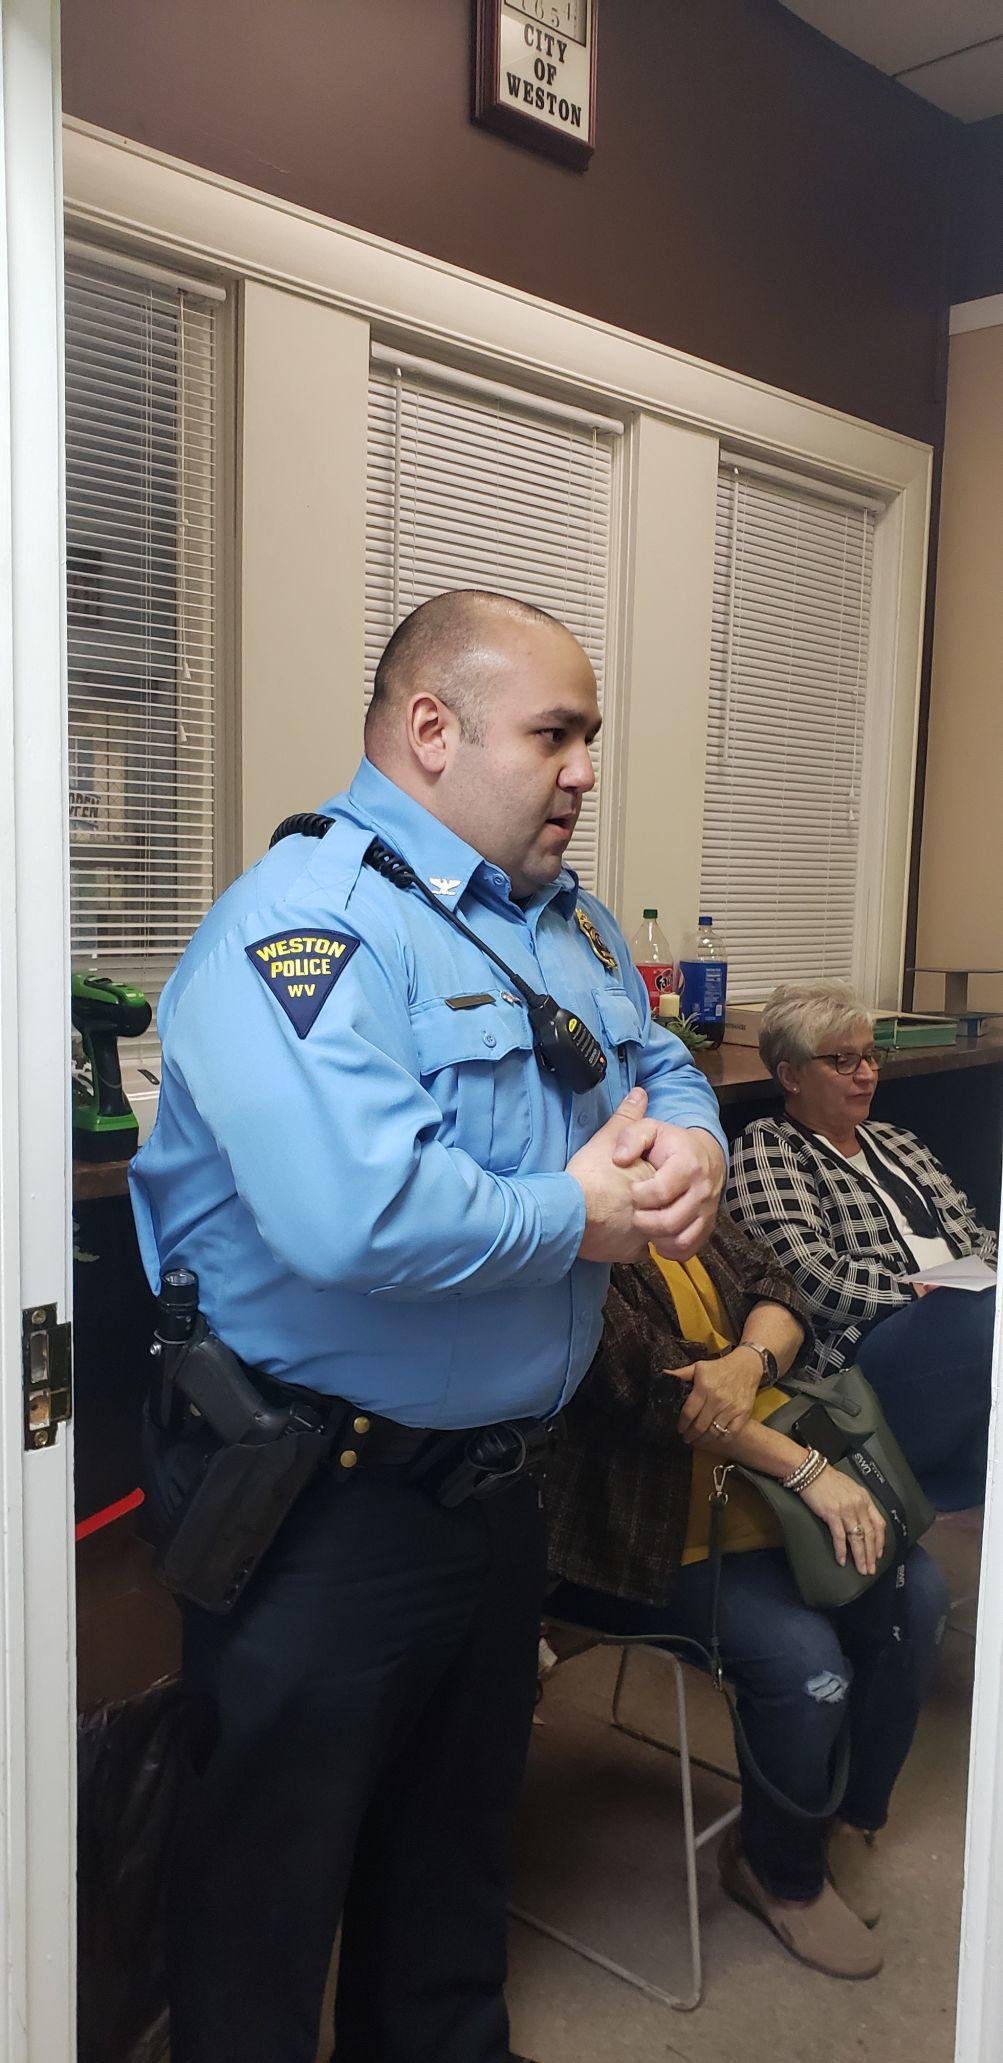 Weston Police Chief Thomas